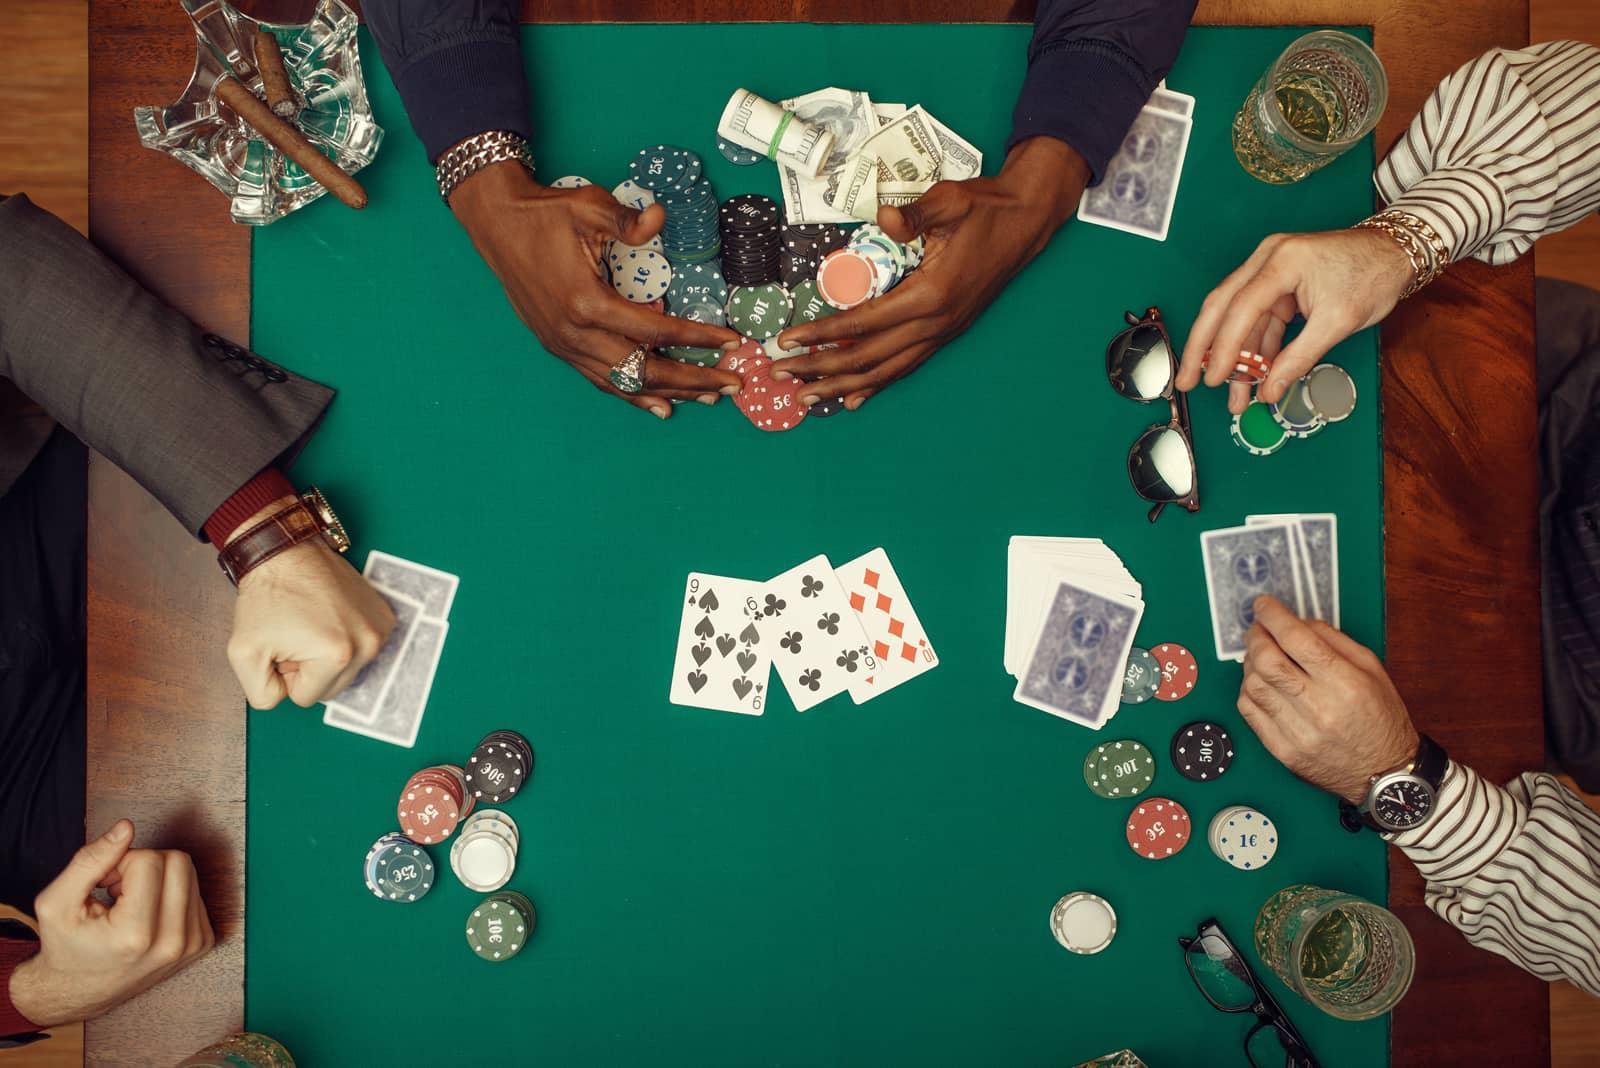 poker invincible